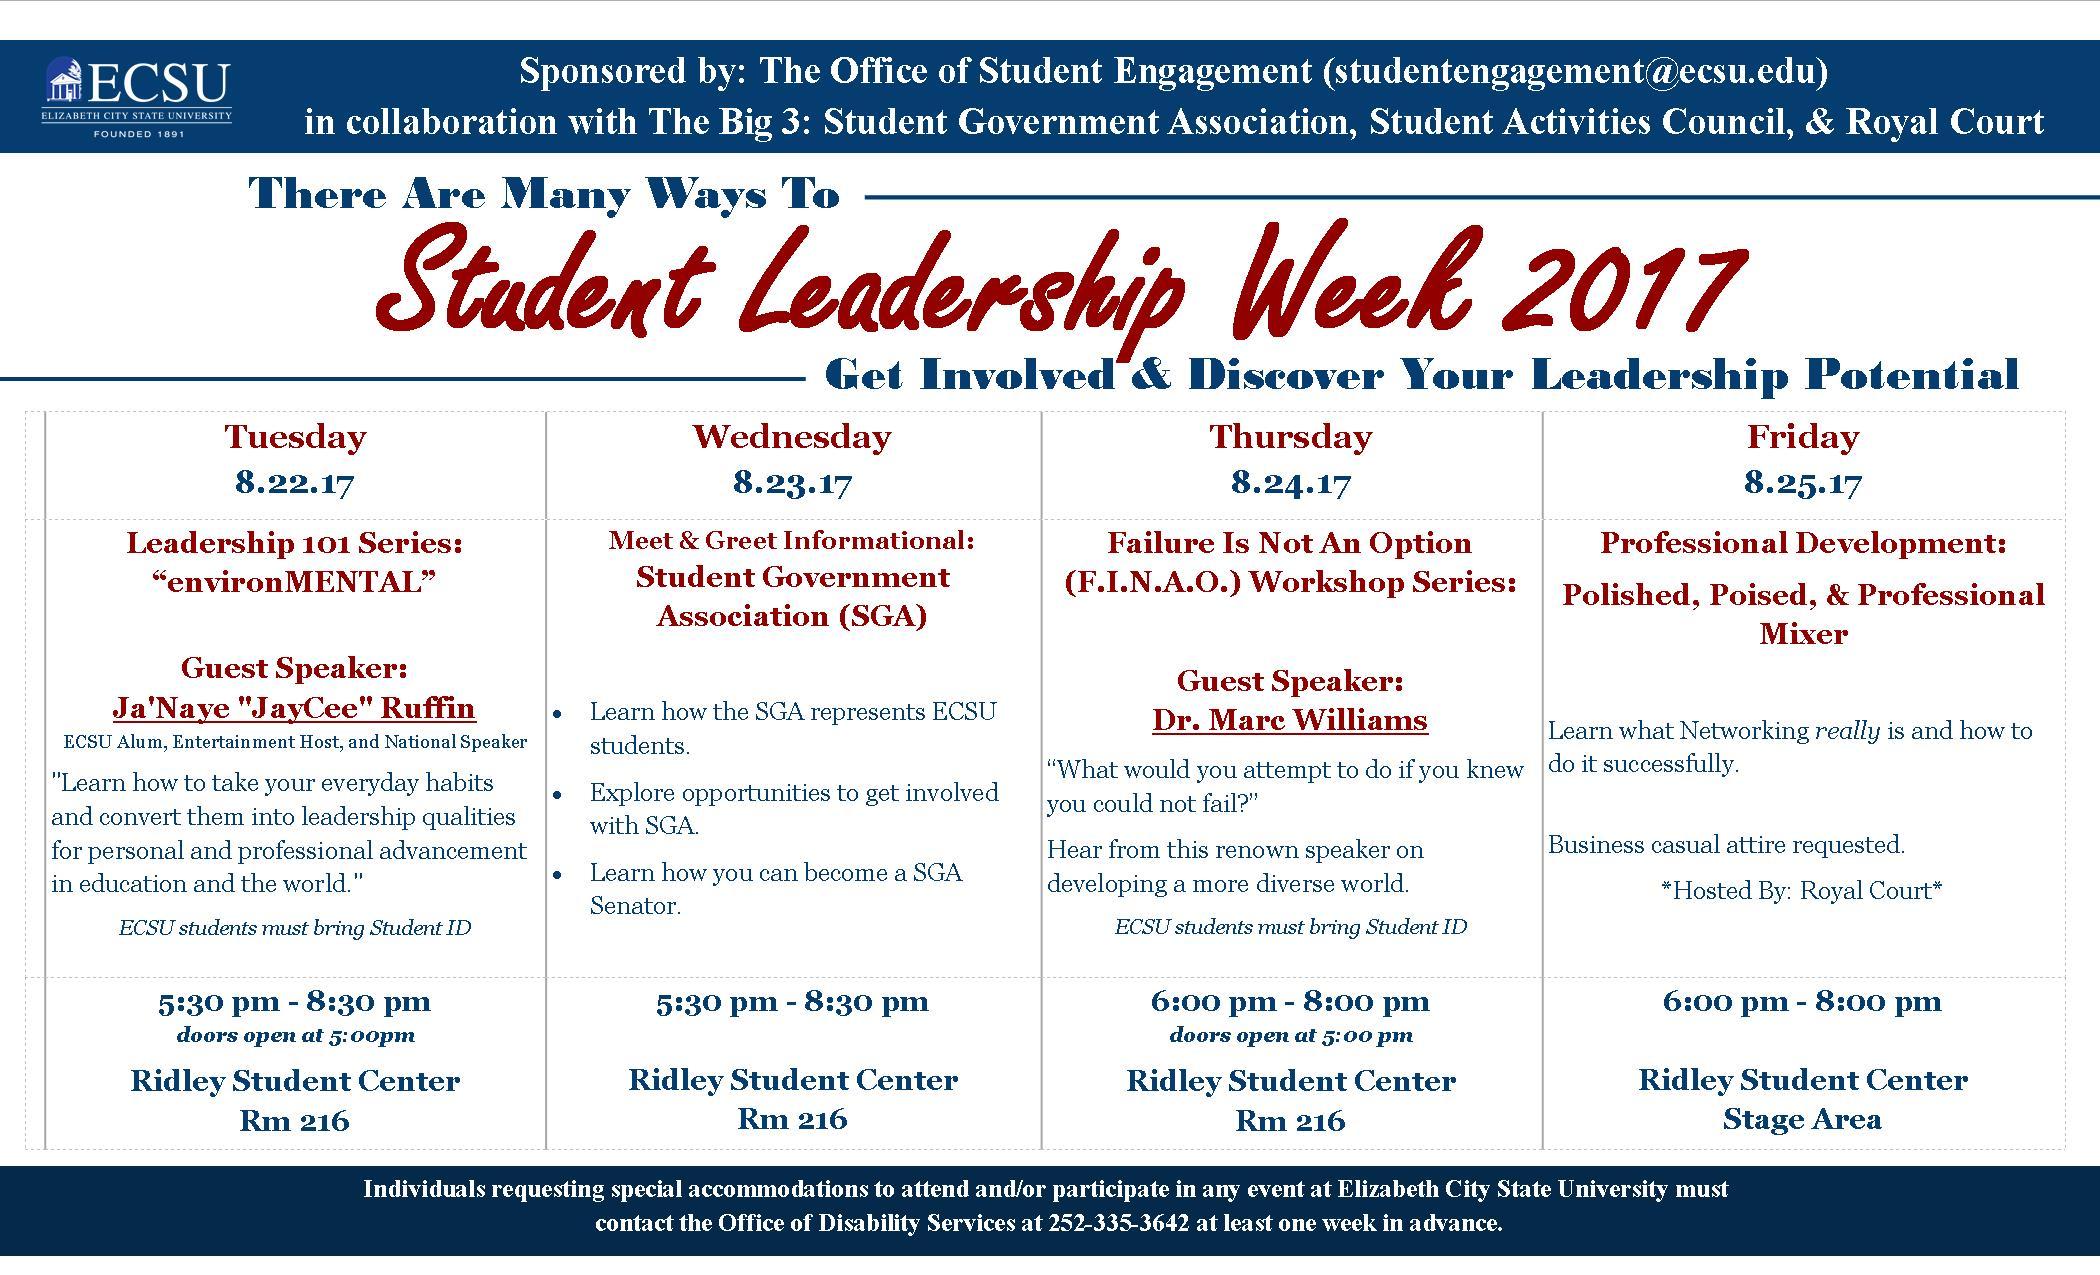 leadership week 2017 calendar